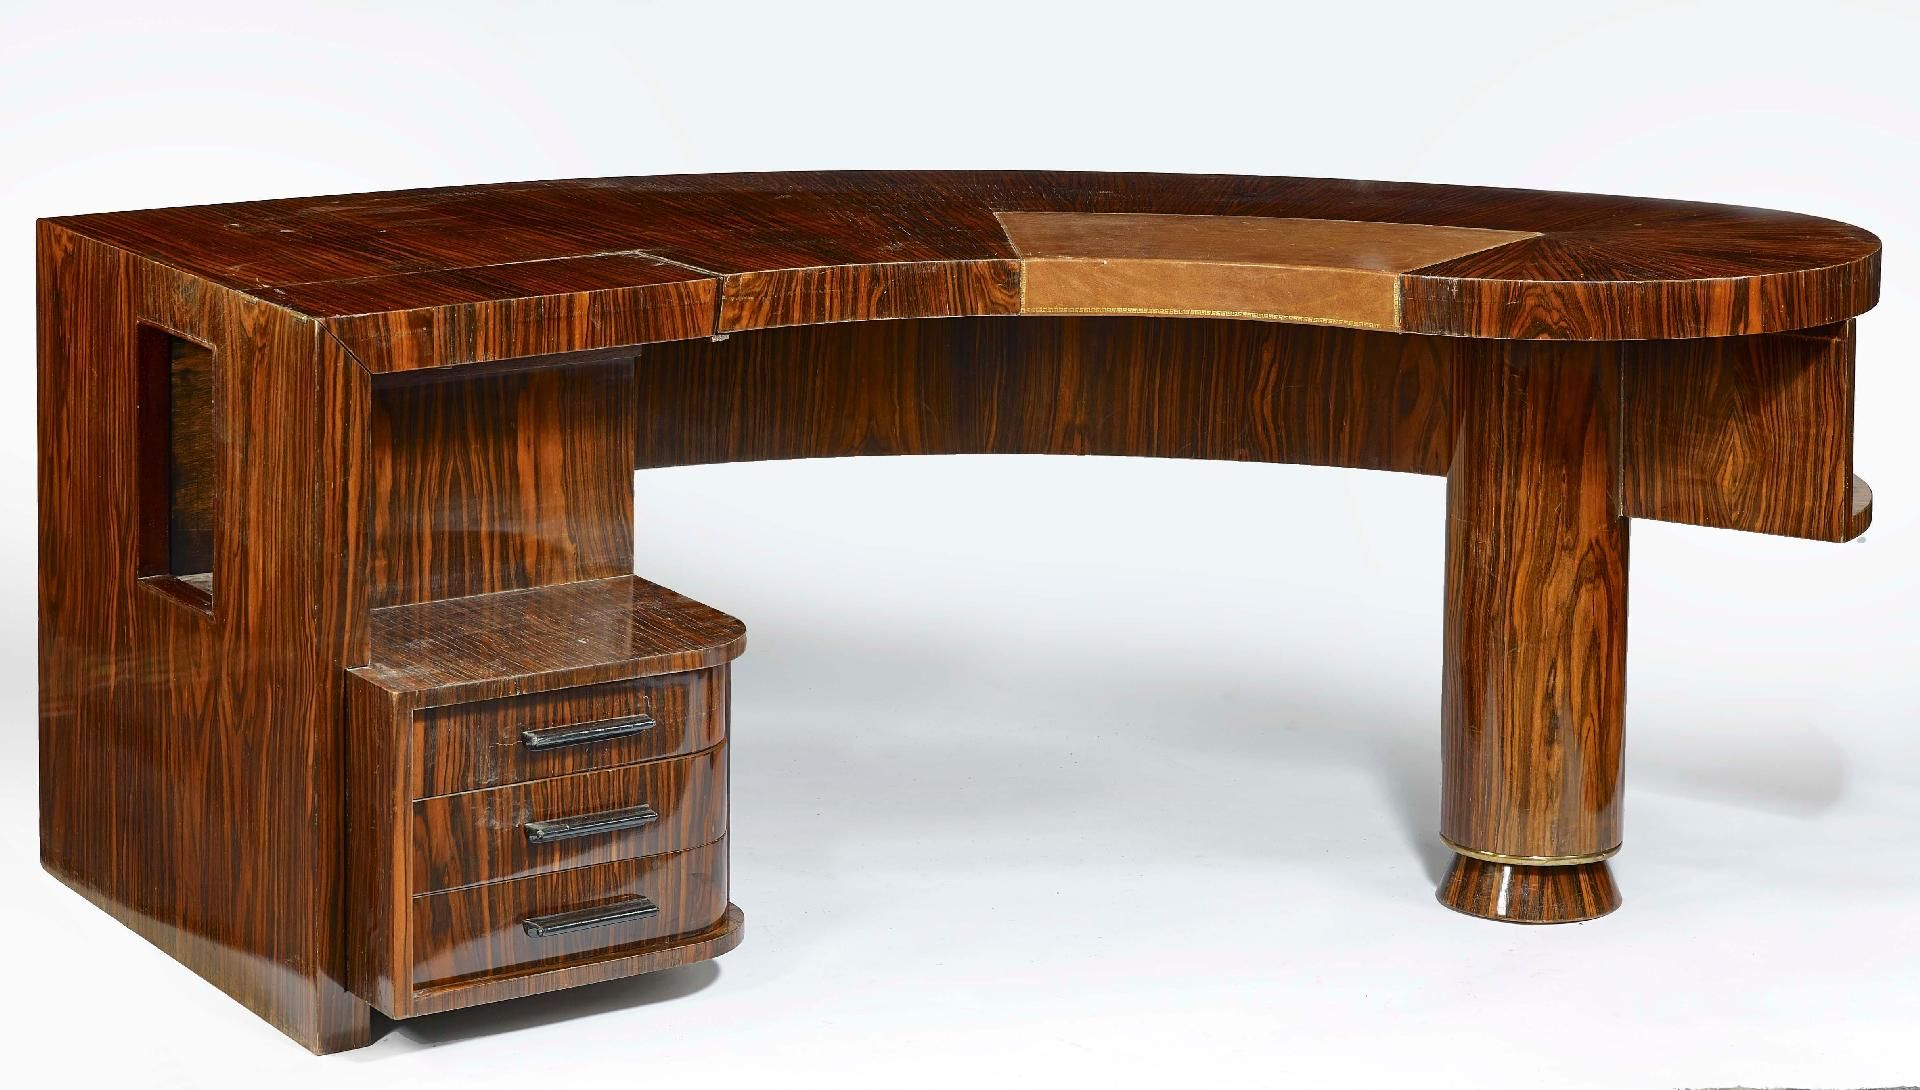 62fde3278f7eba23d9383e7e2b643d58 Incroyable De Table Basse Le Corbusier Concept